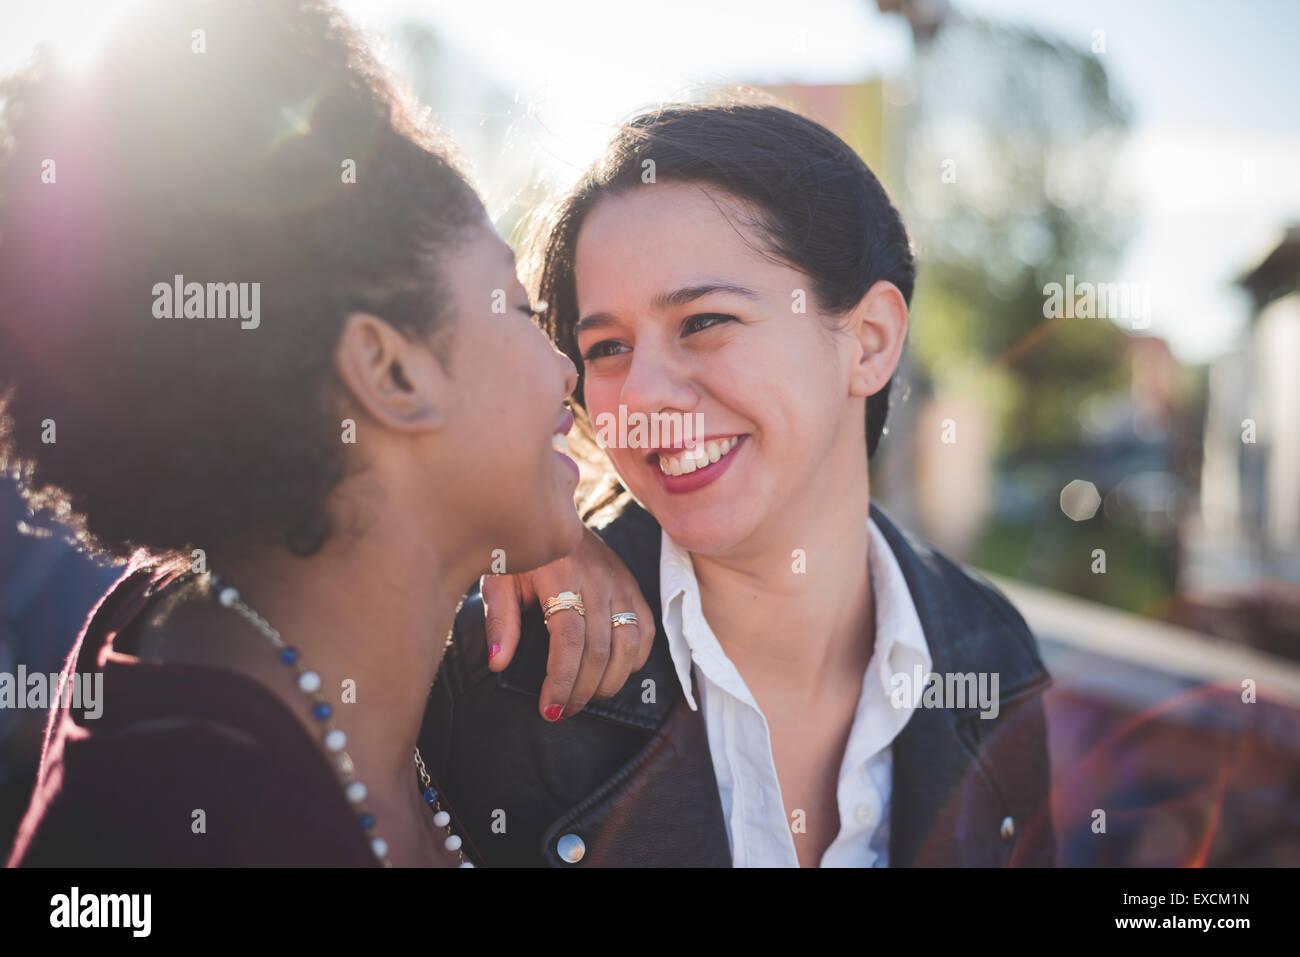 zwei multiethnischen schöne junge Frau Schwarz und kaukasischen Spaß in der Stadt Stockbild